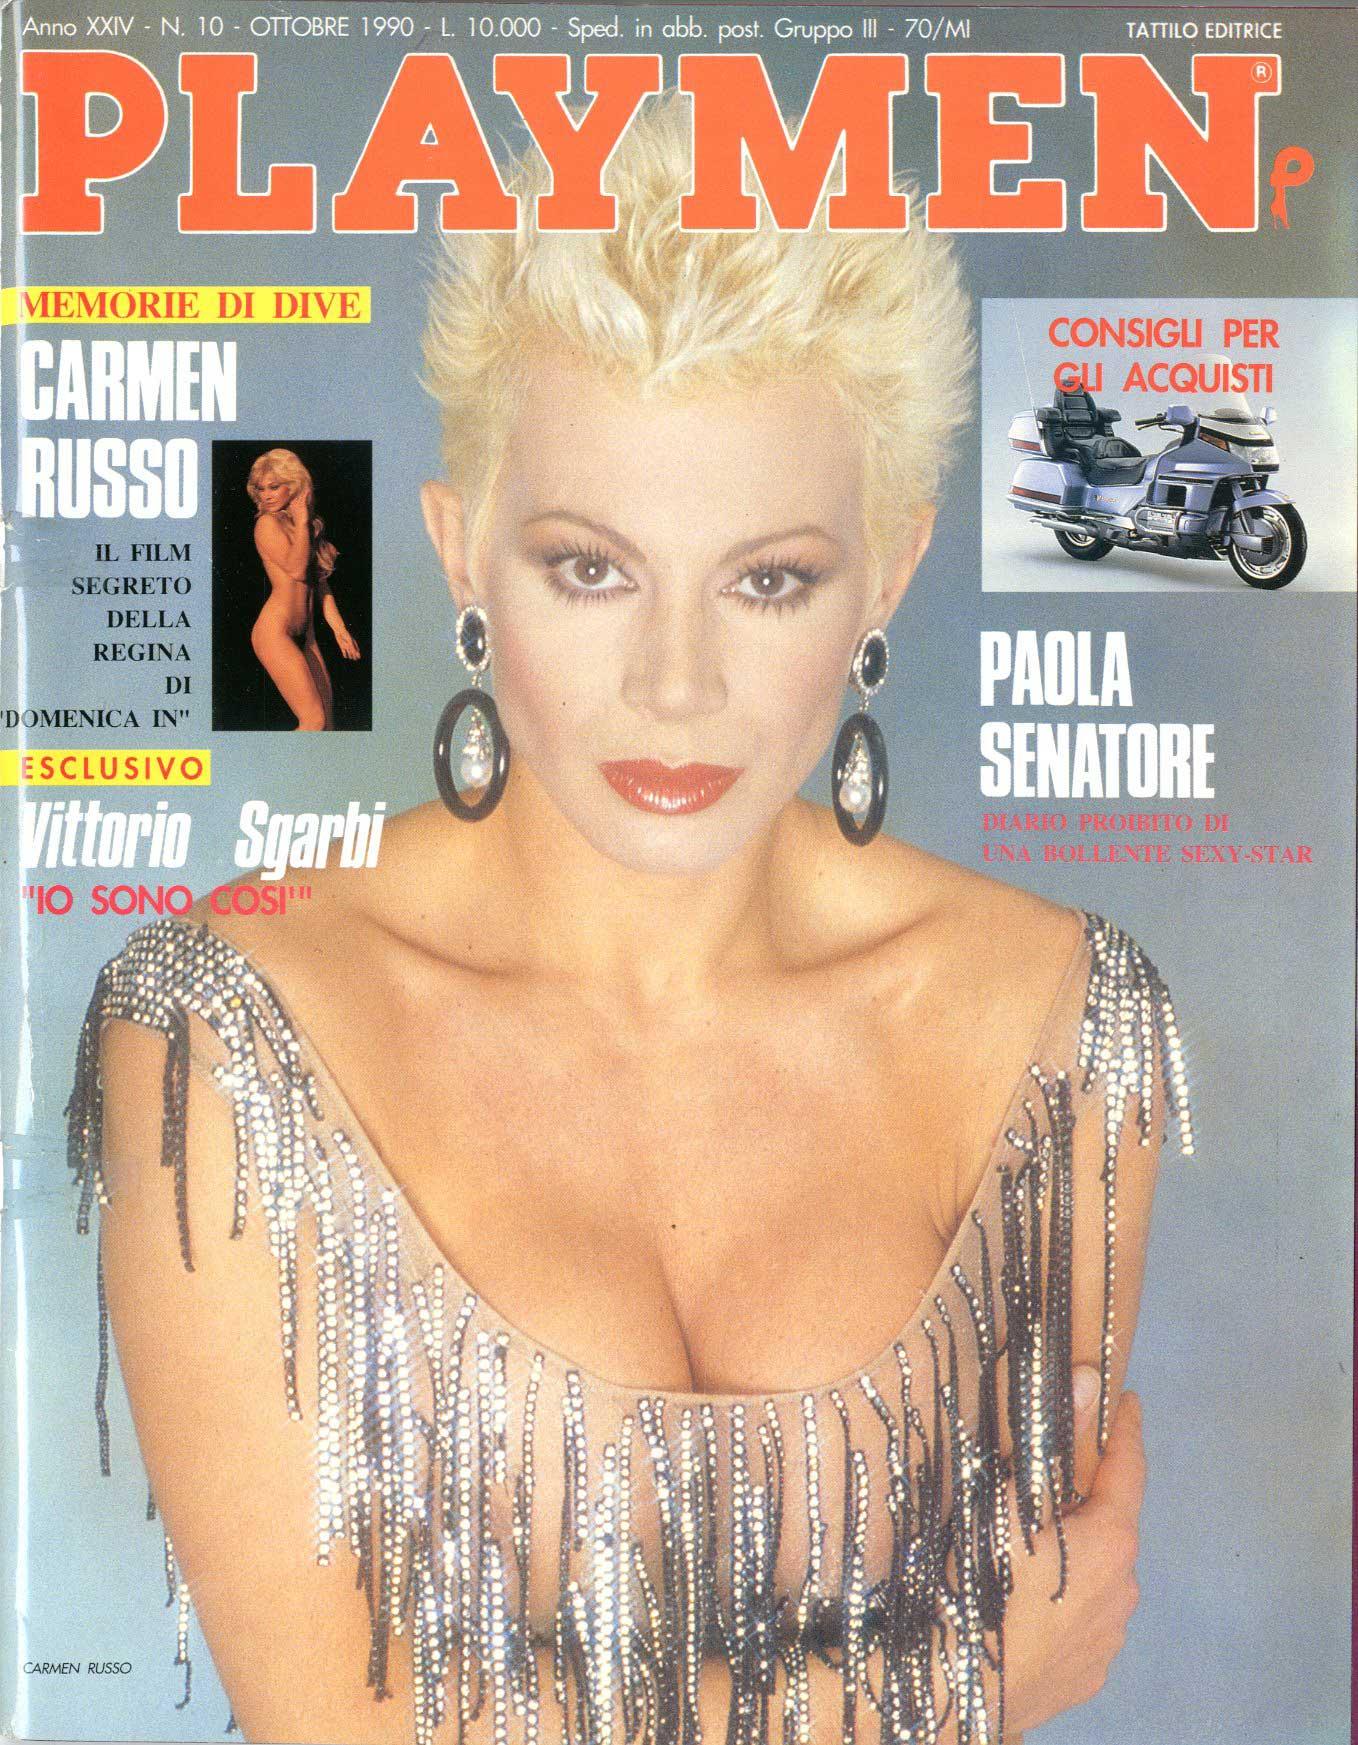 Paola Senatore tattilo editrice - playmen 1990 anno 24 10, paola senatore